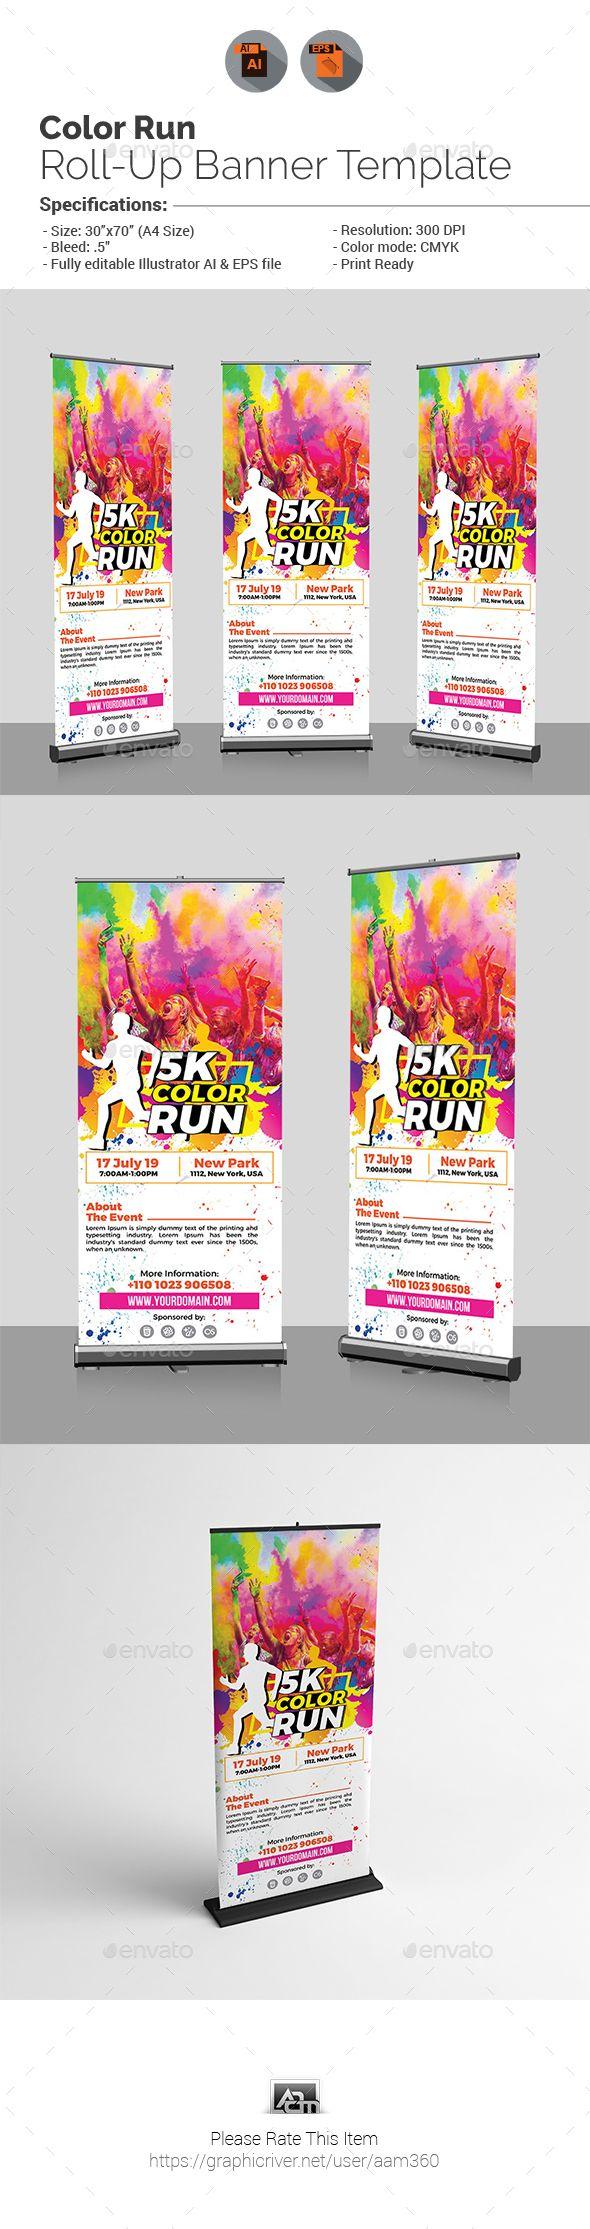 Design large banner in illustrator - Color Run Fest Roll Up Banner